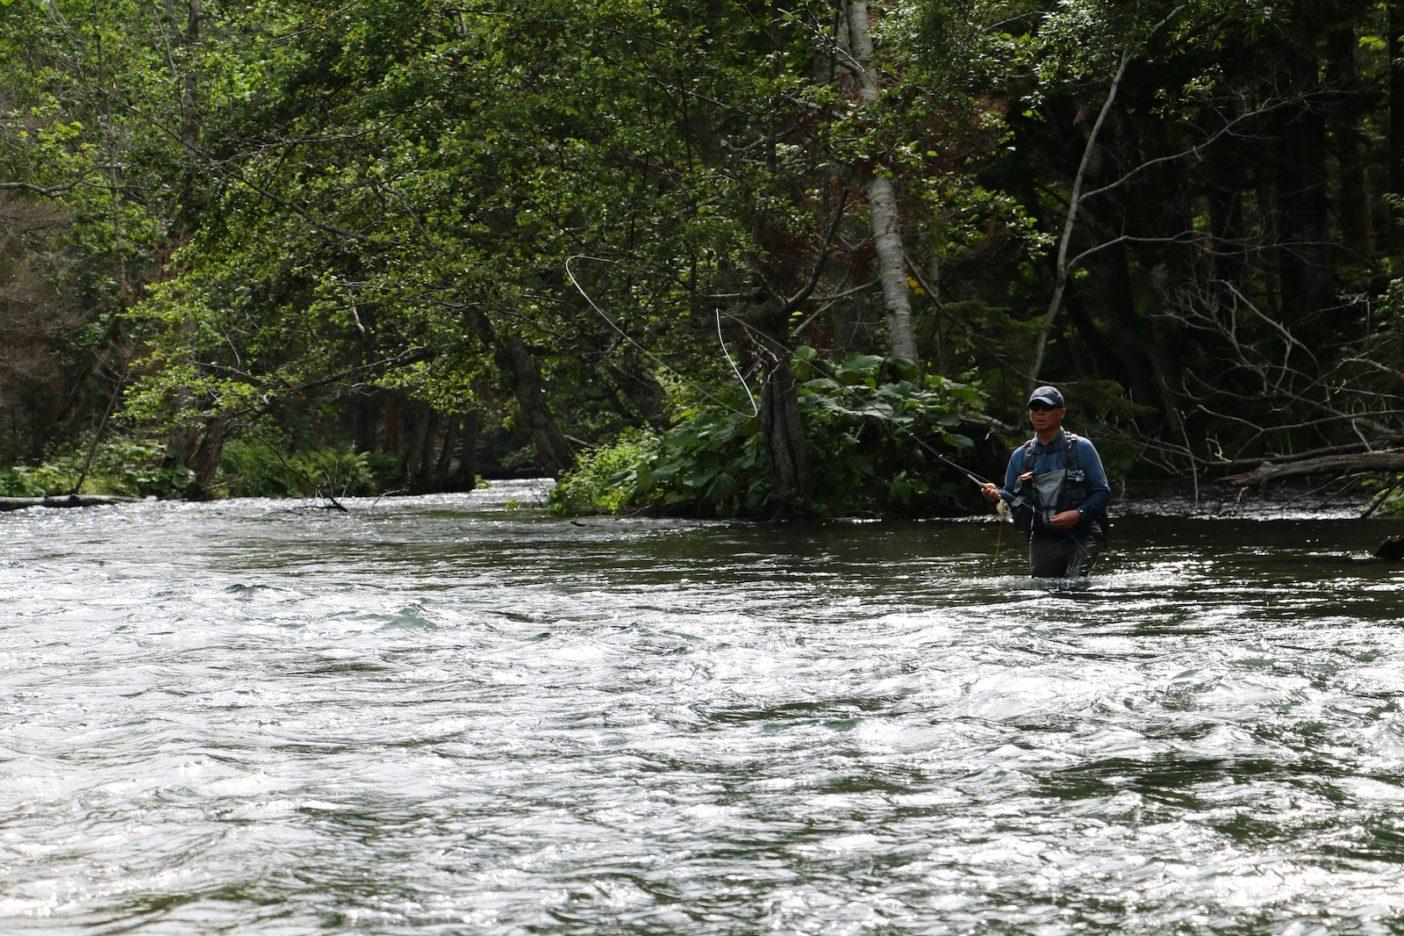 降雨からの増水でタフなコンディションだったが、道東の自然の中で釣りができるだけでも幸せ。 写真:佐々木大